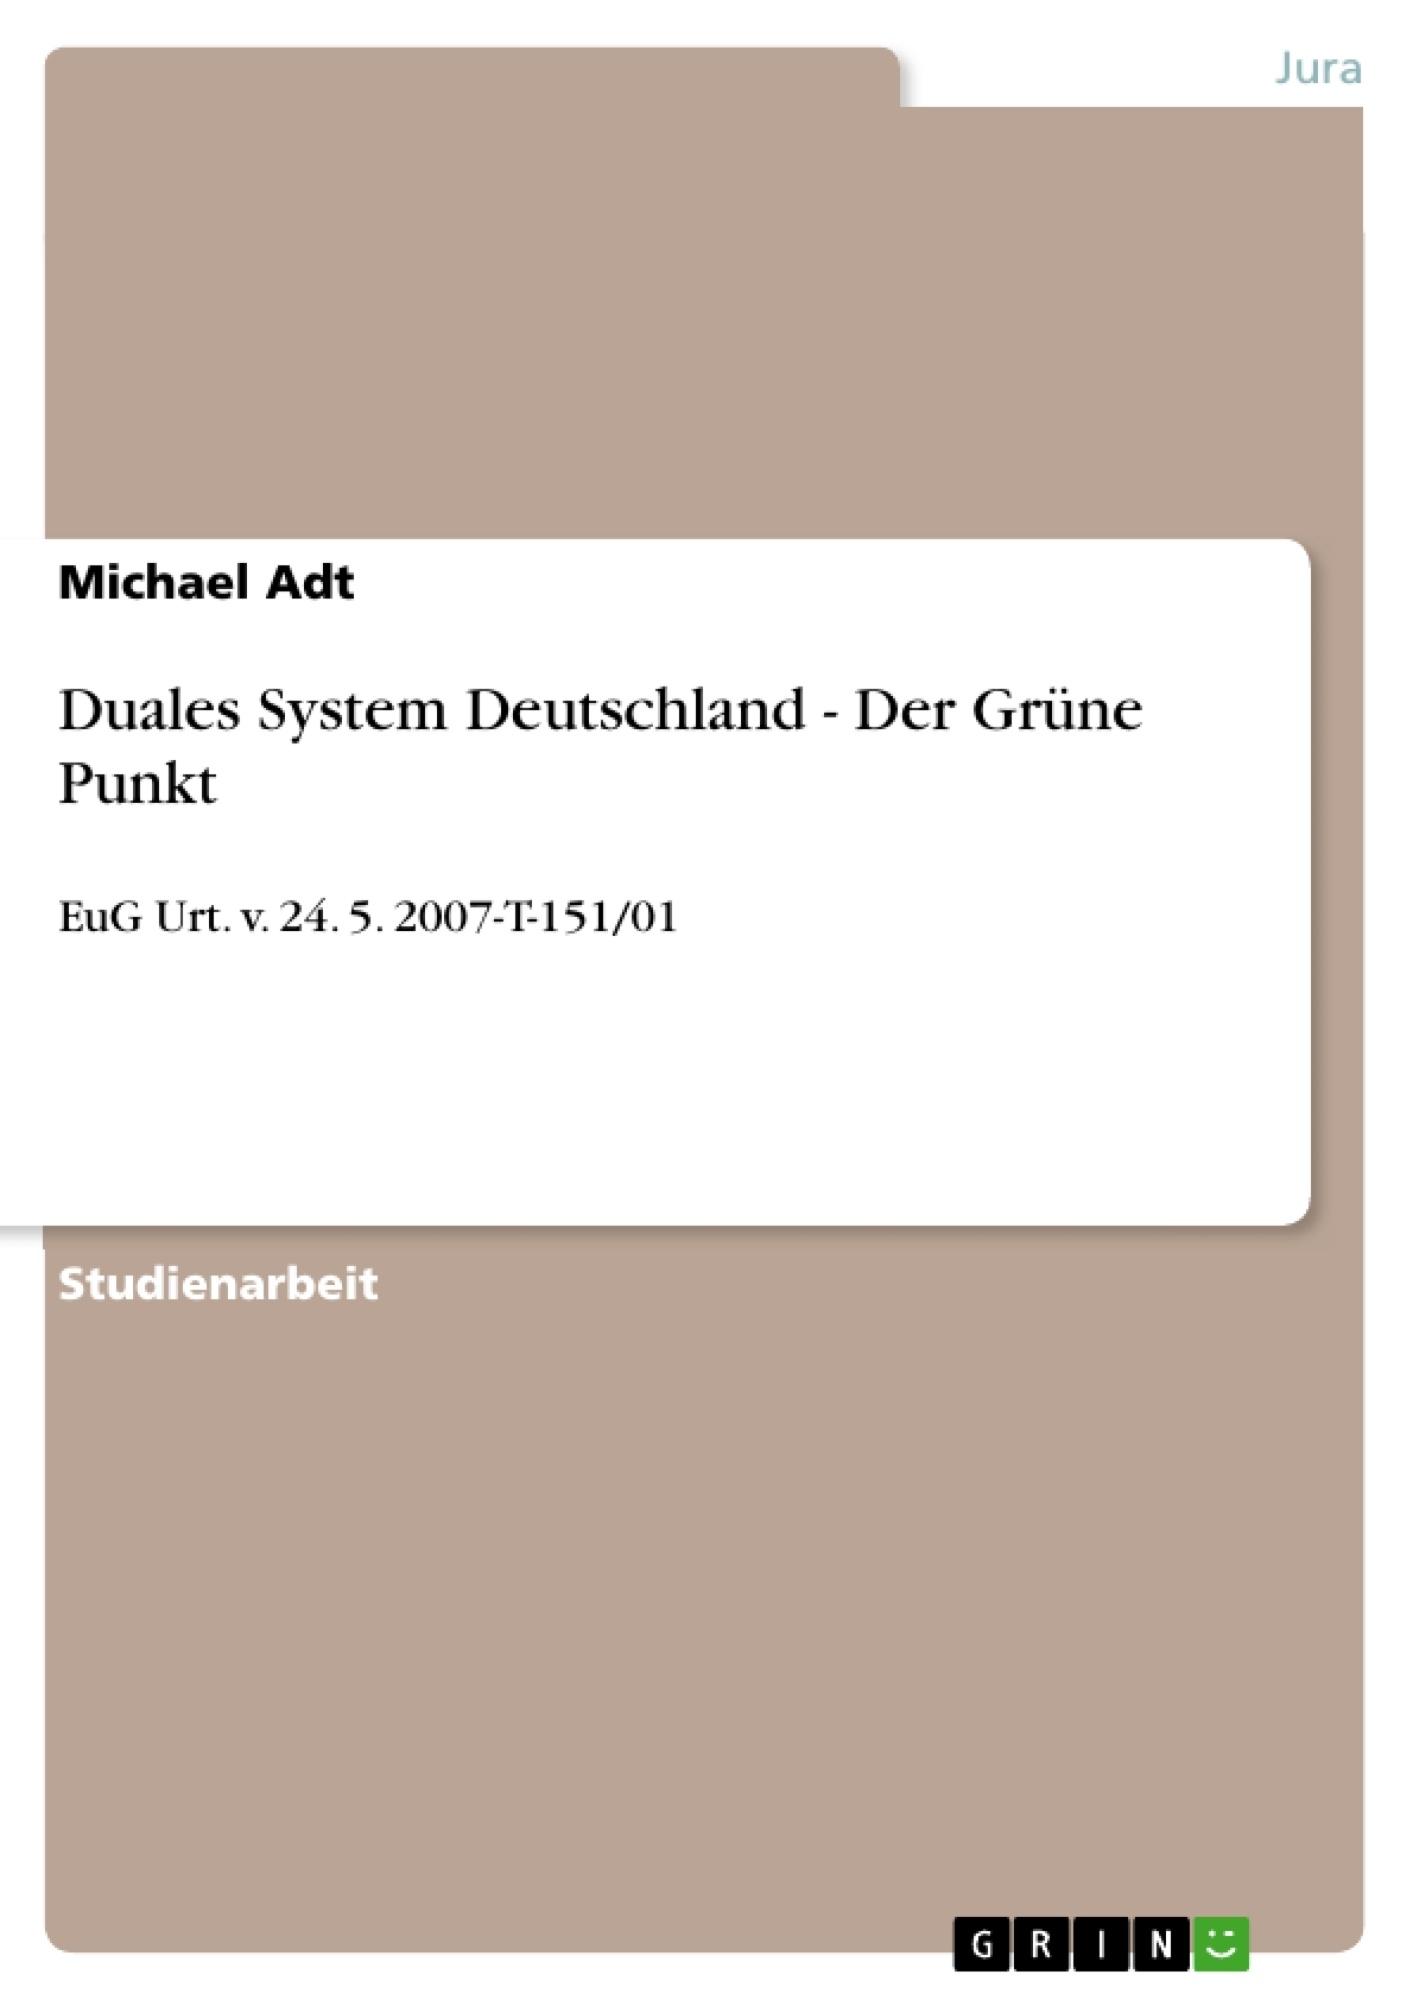 Titel: Duales System Deutschland - Der Grüne Punkt